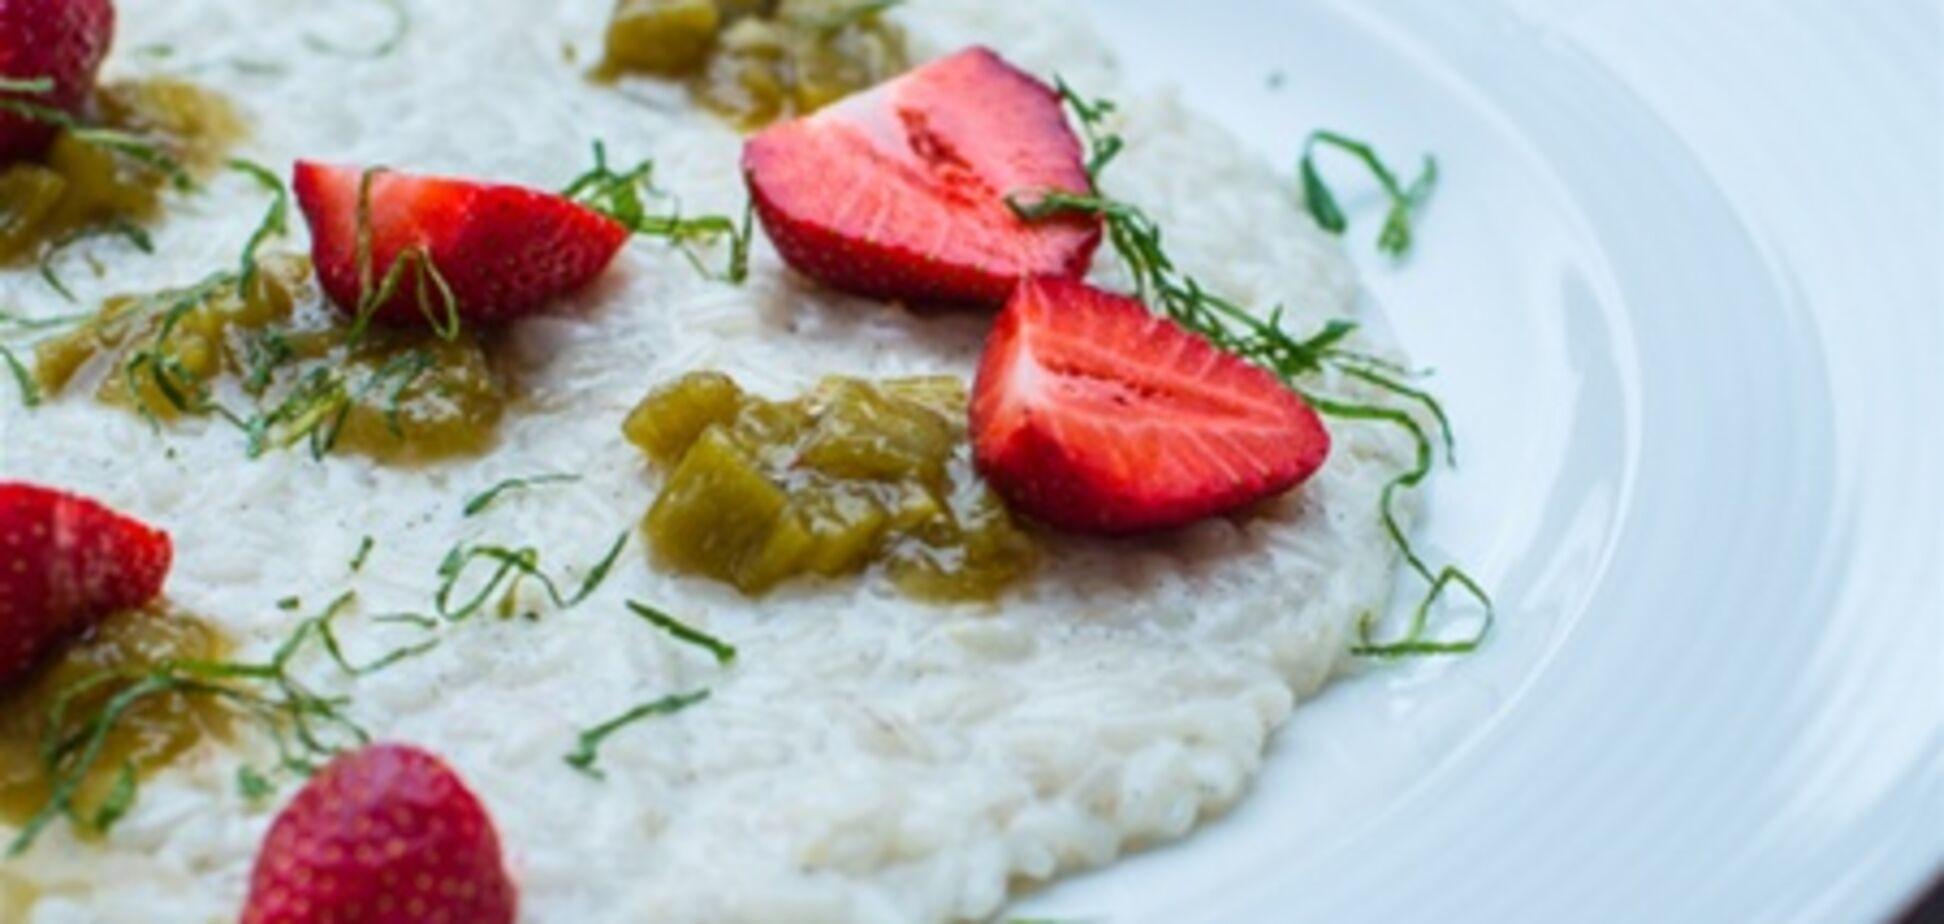 Новые блюда со спаржей и клубникой в ресторане Bigoli